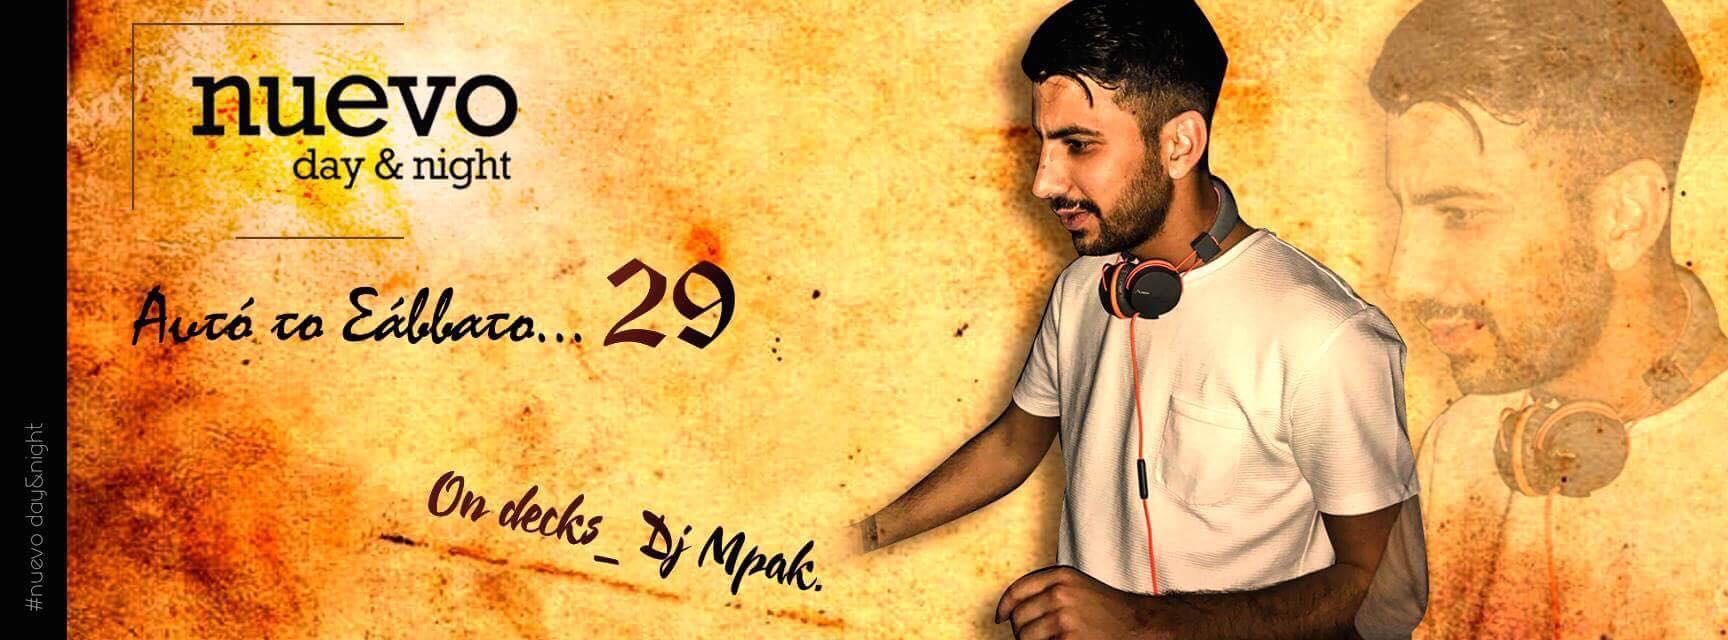 Σαββατιάτικο Party με Dj MPAK στο Nuevo Day & Night στους Γόννους Λάρισας